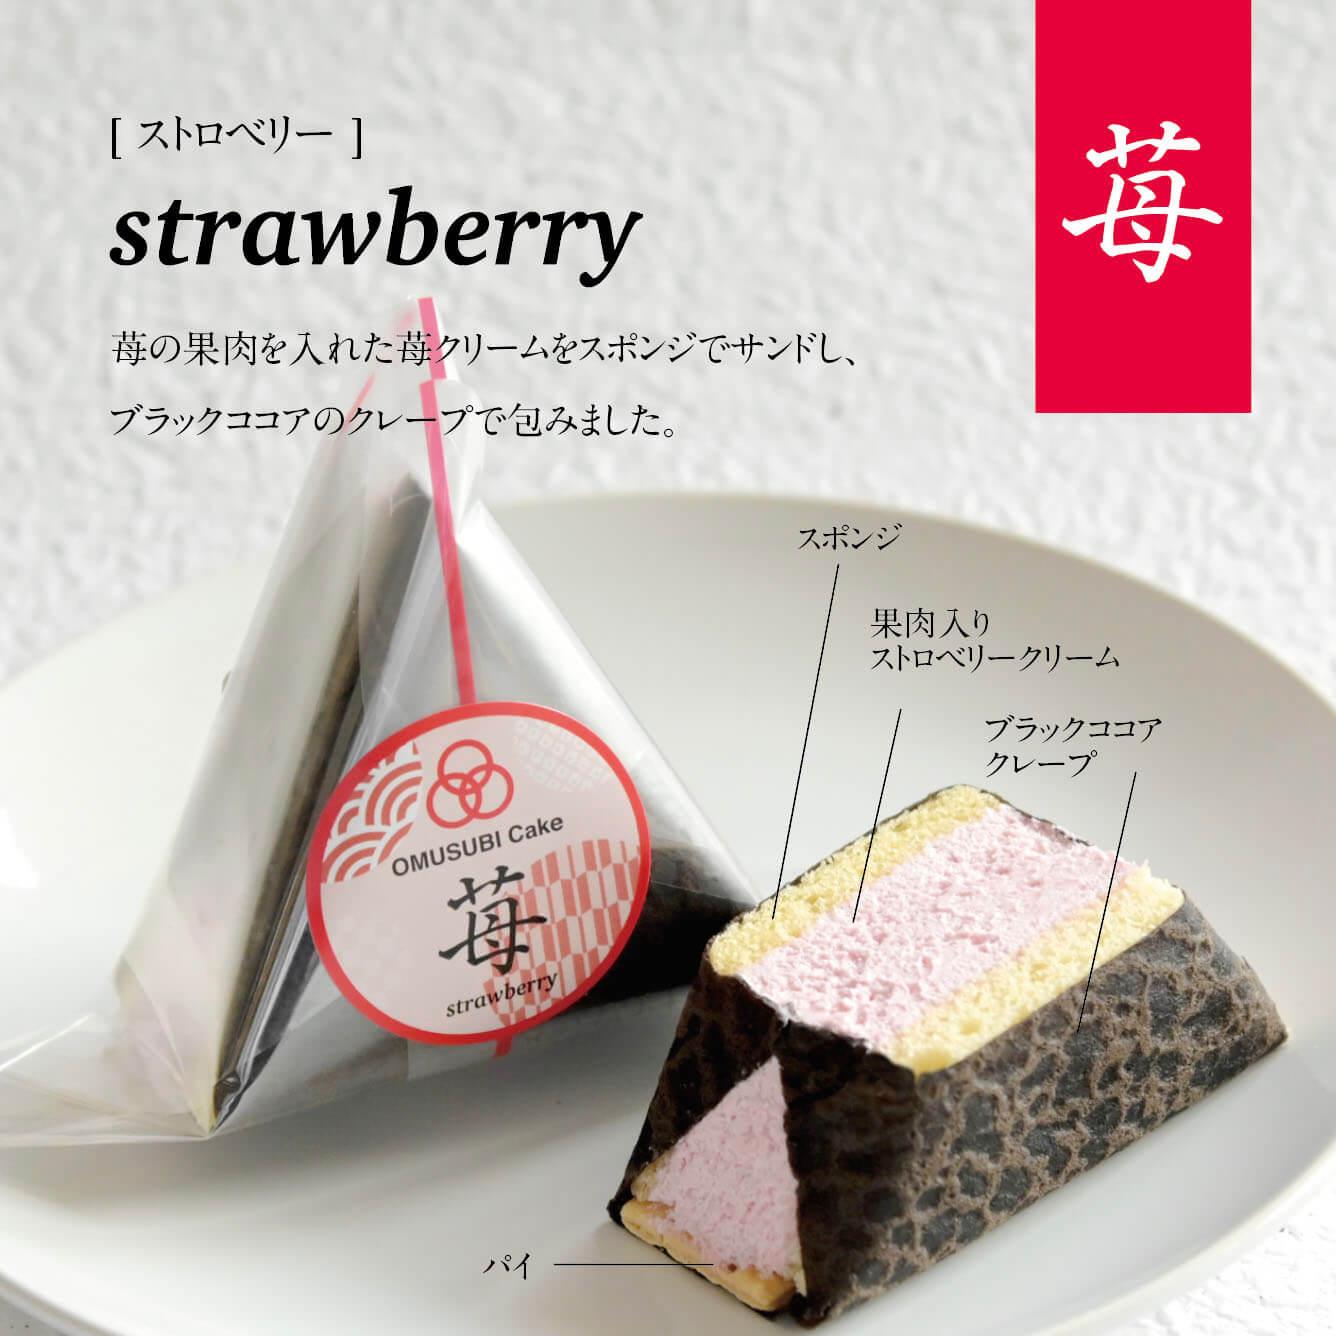 OSAKA OMUSUBI CakeのStrawberry/¥450(税込み)